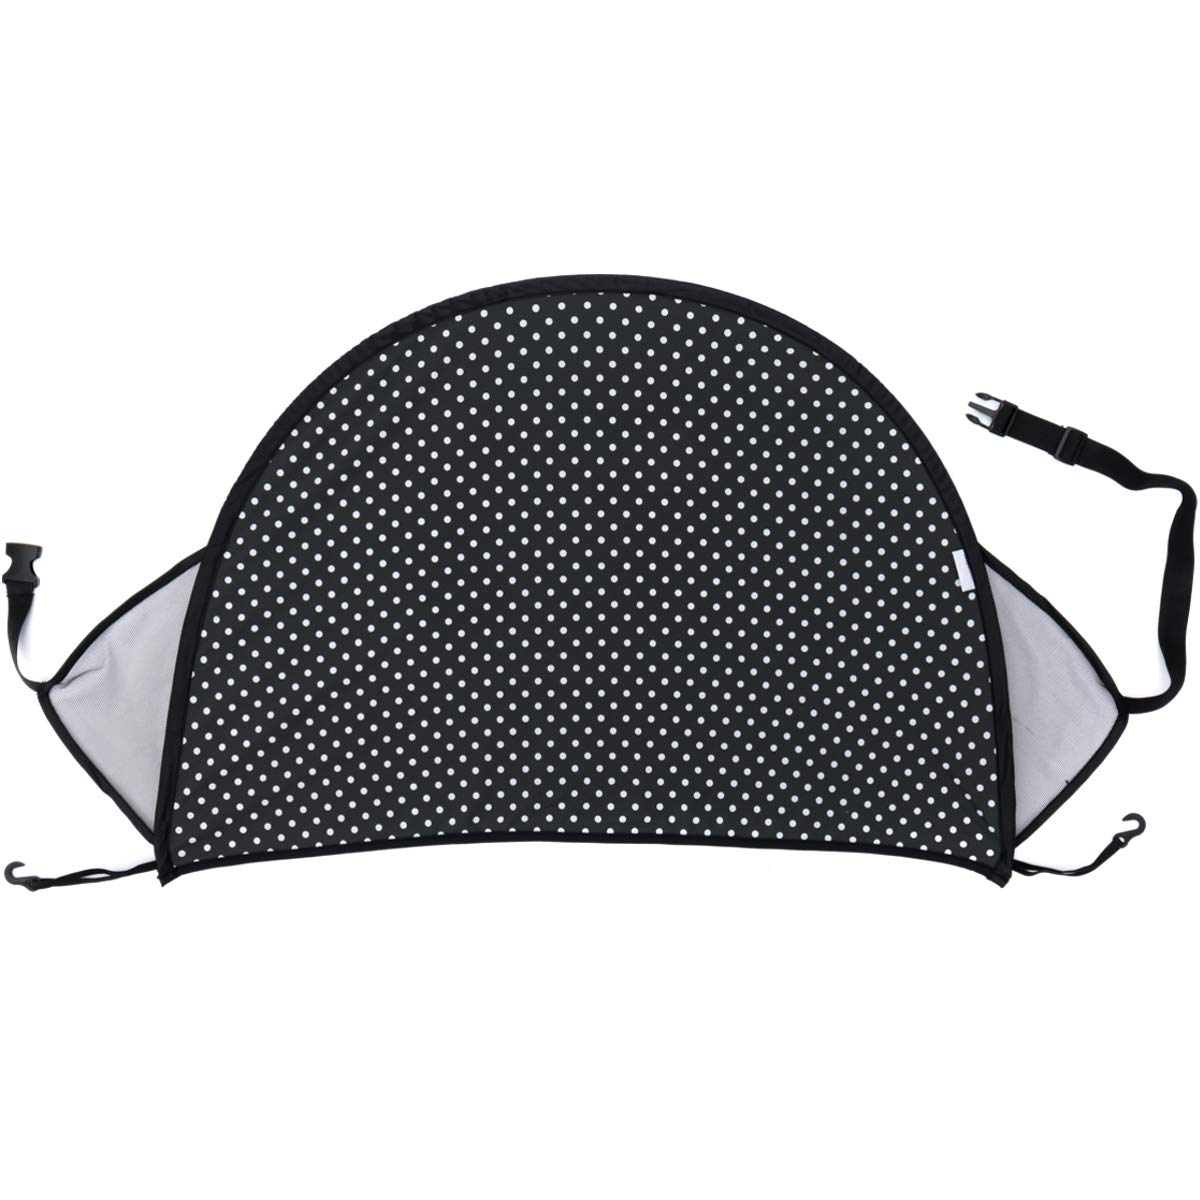 Universal f/ür Buggy Sportwagen Kinderwagen mit Tasche Baby Kinder Sonnenverdeck Sonnenschutz UV 50 GRAU